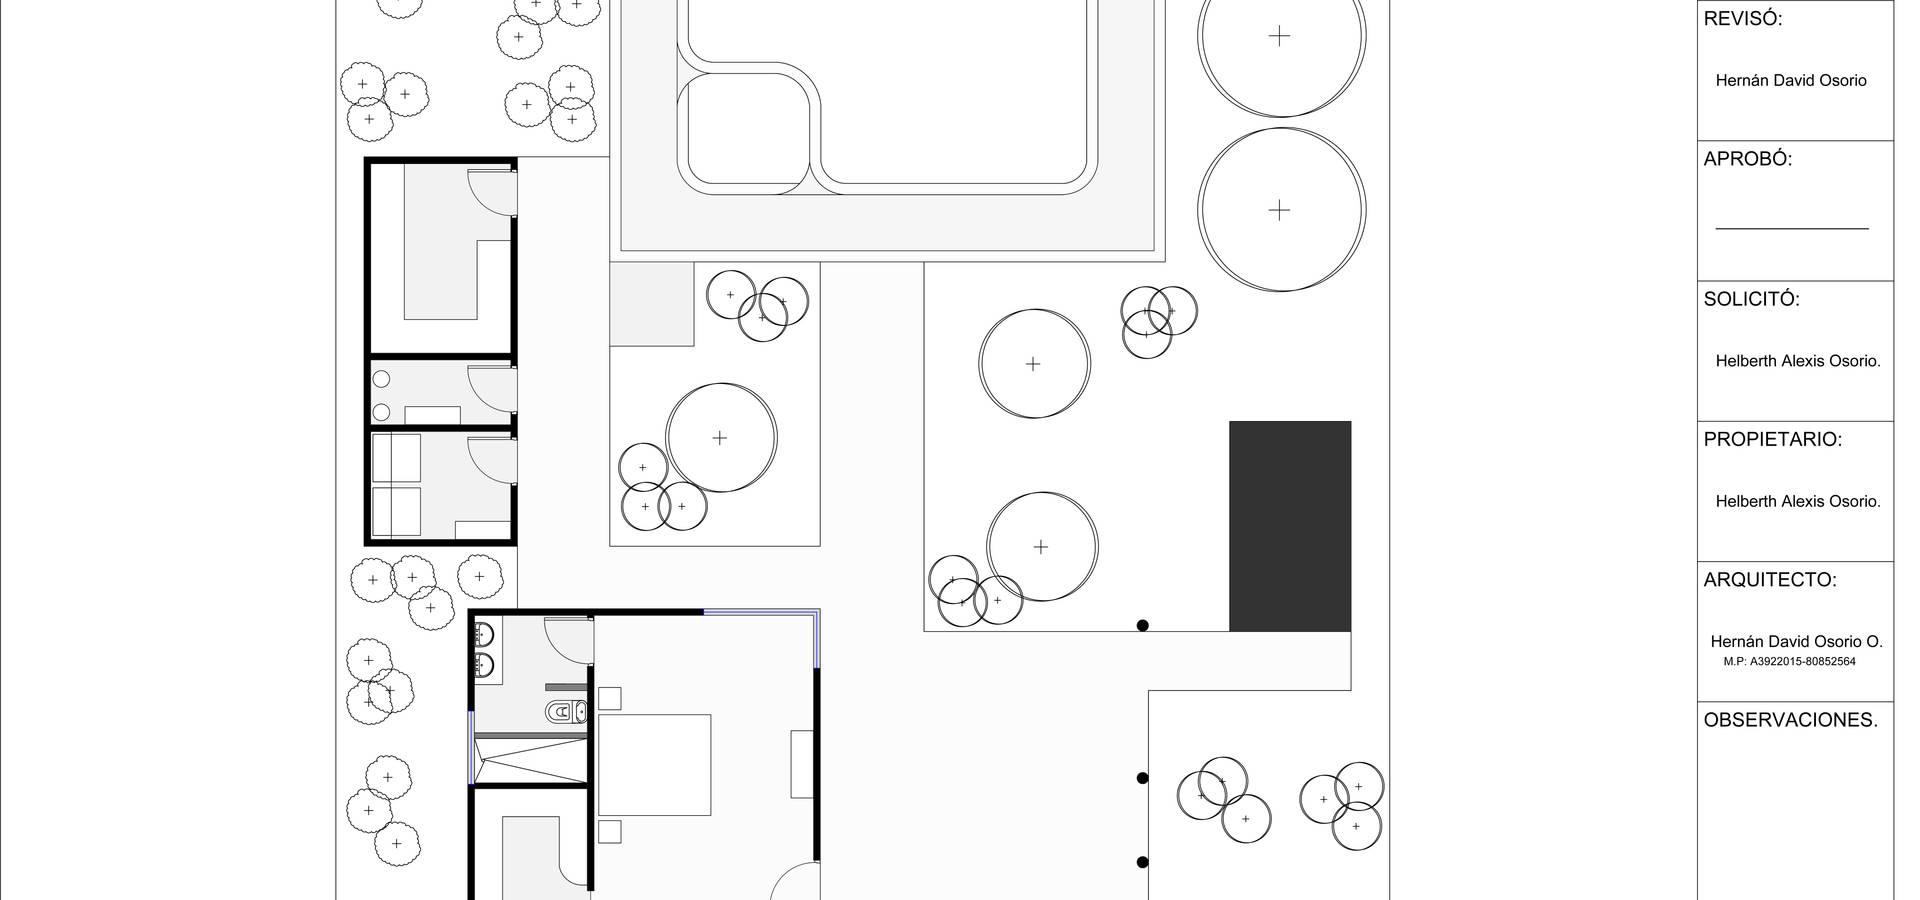 Rio Vivo Arquitectura, Taller y Diseño.